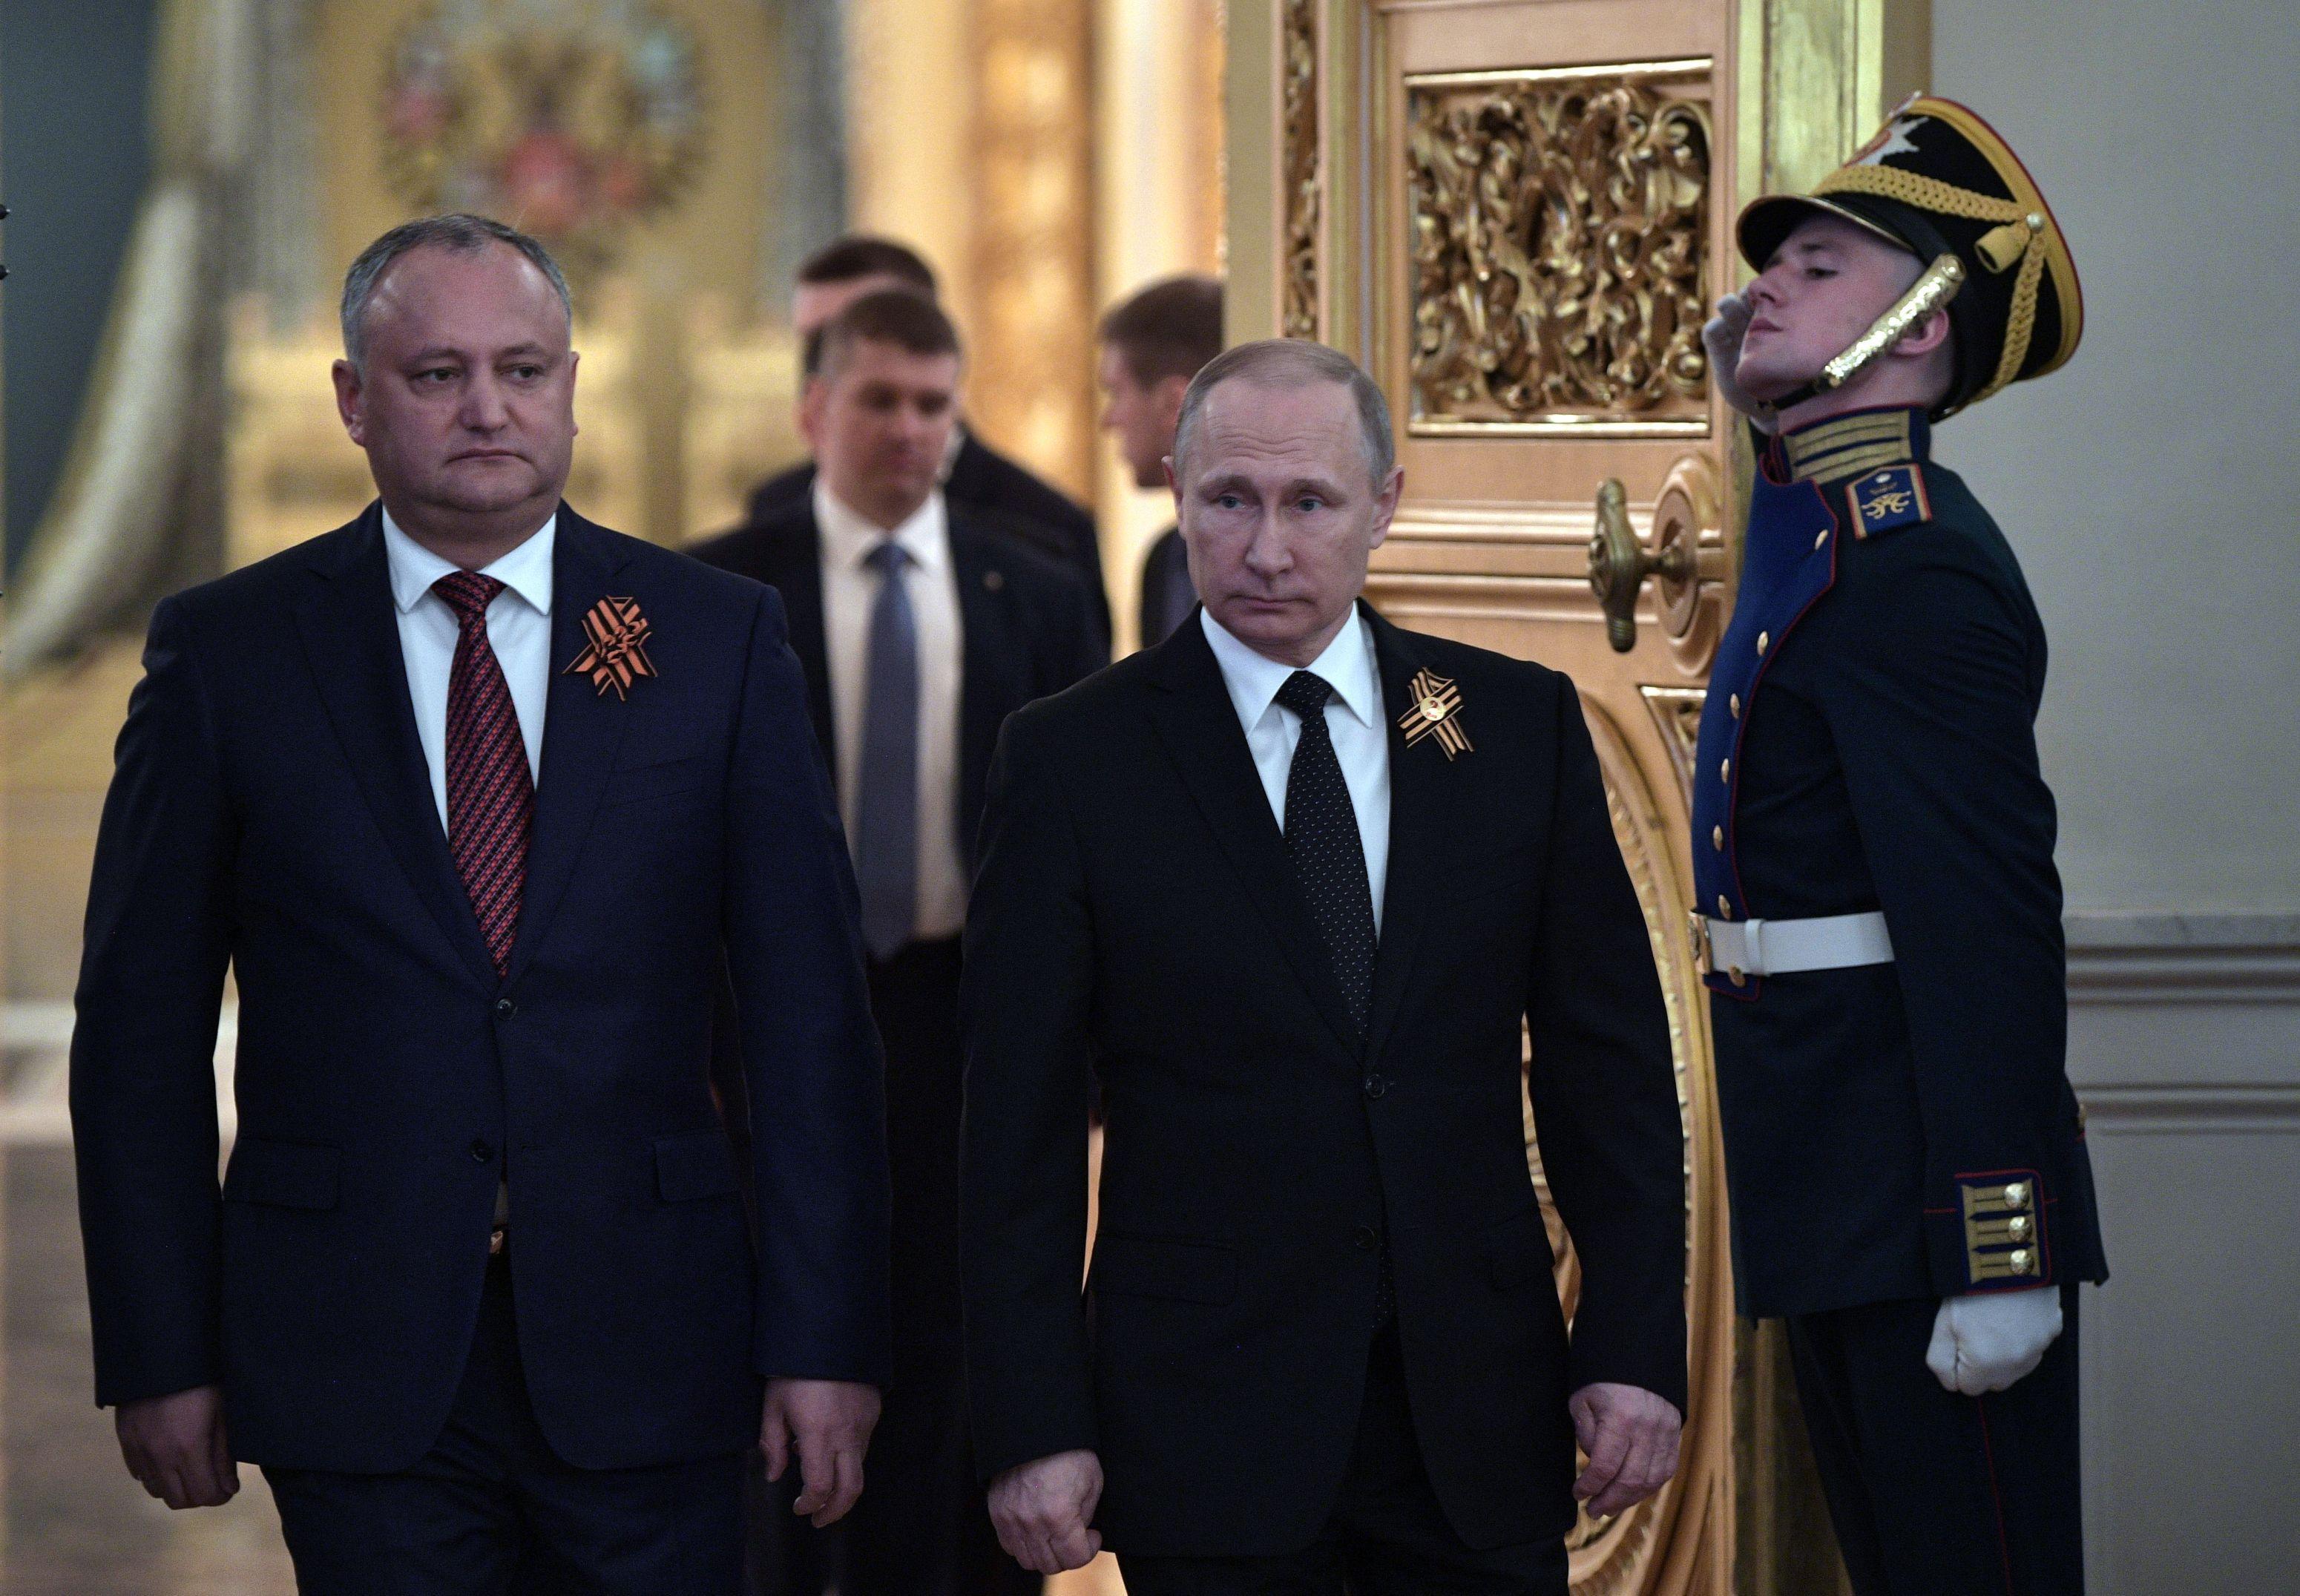 Putin le-a trimis mesaje cu ocazia Anului Nou liderilor unor ţări est-europene. Ce i-a scris lui Dodon în mesajul de felicitare